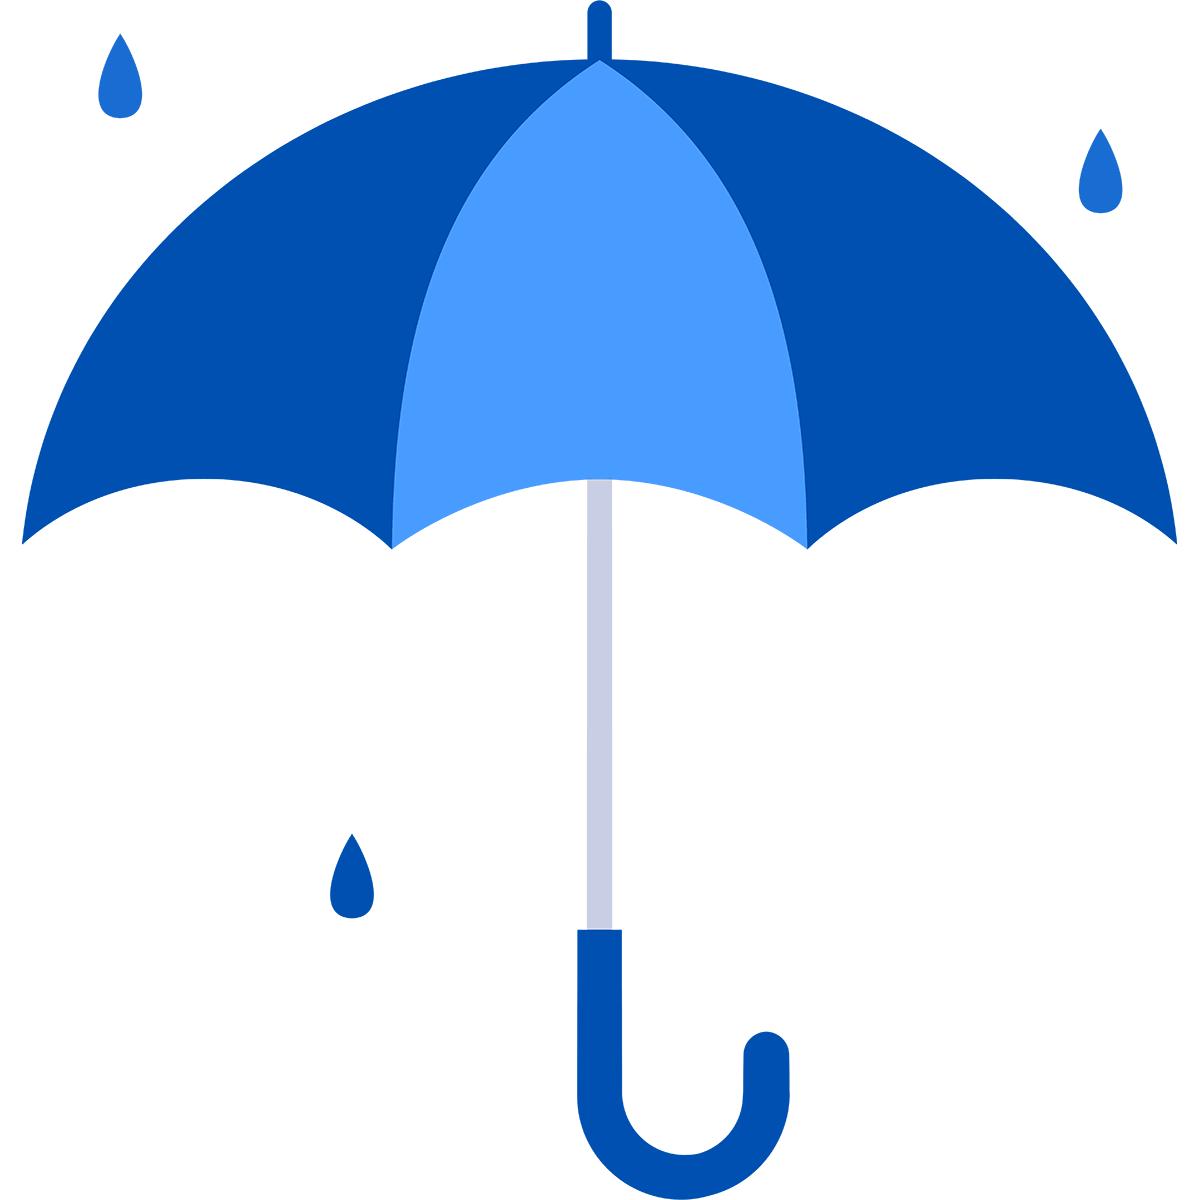 雨と傘の無料イラスト